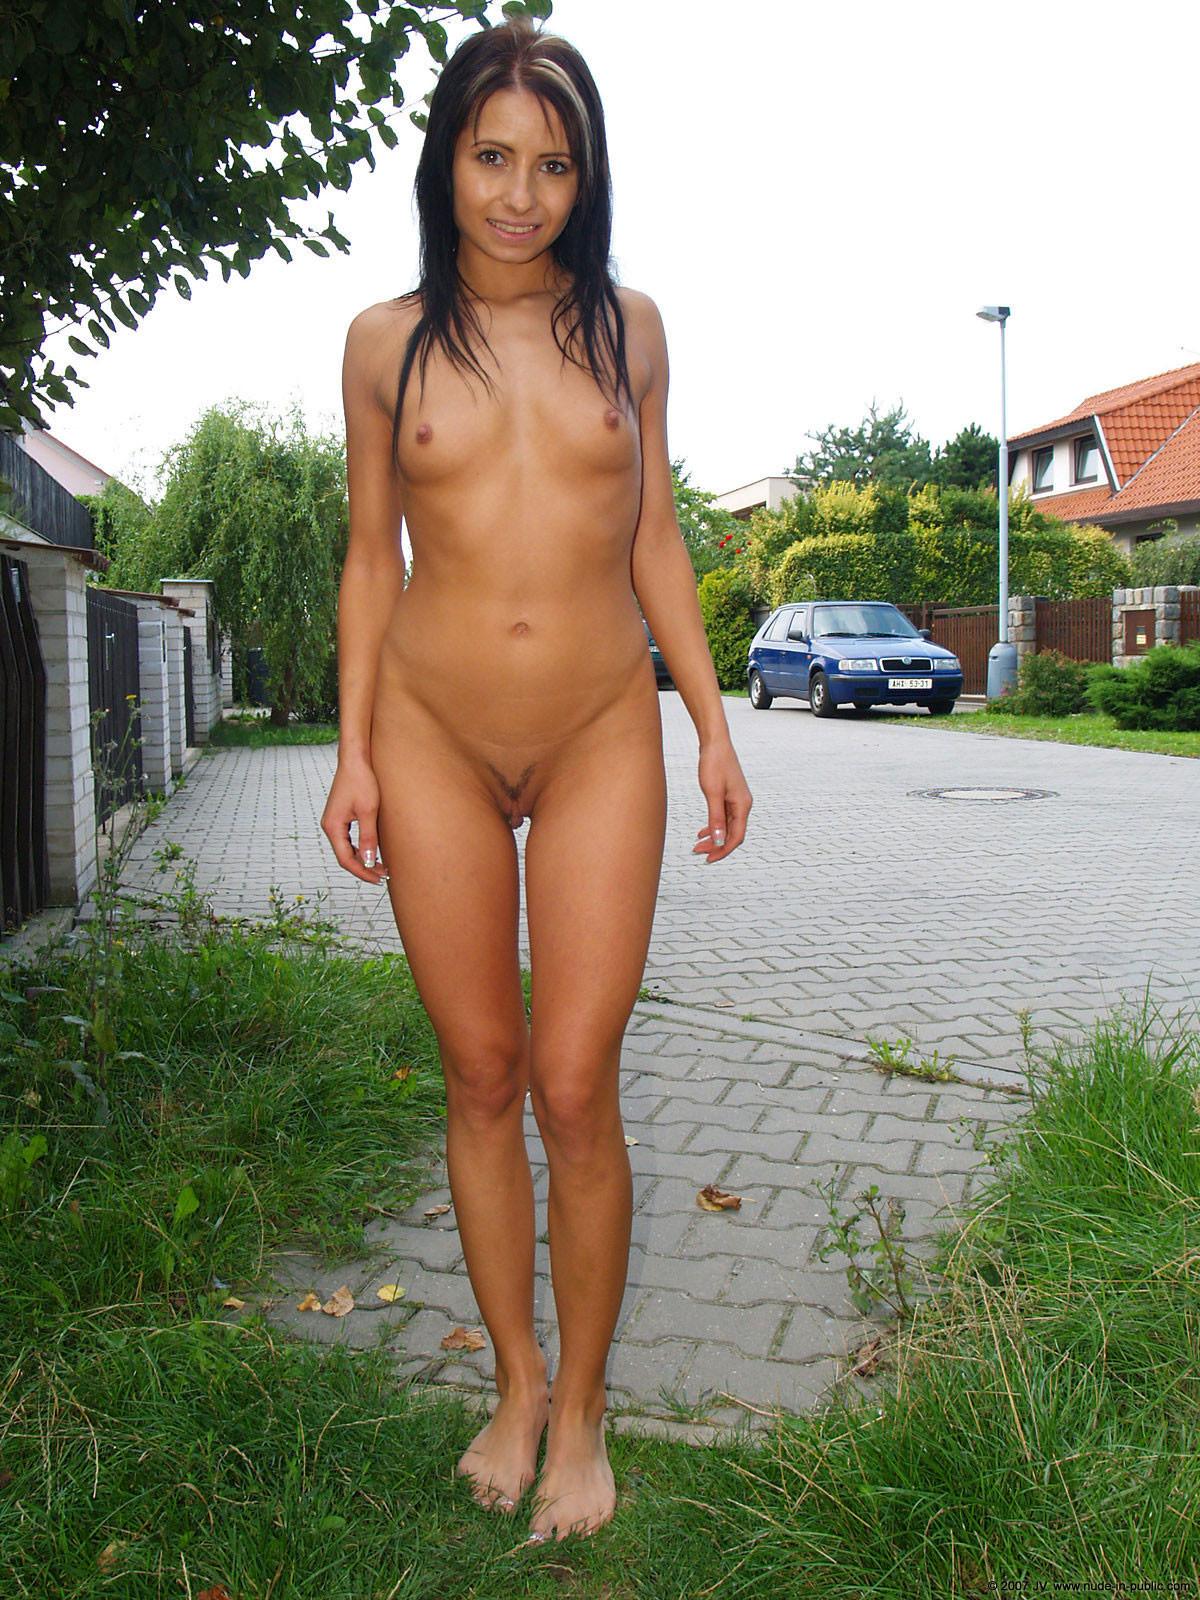 понял, Проститутки луганской области моему мнению